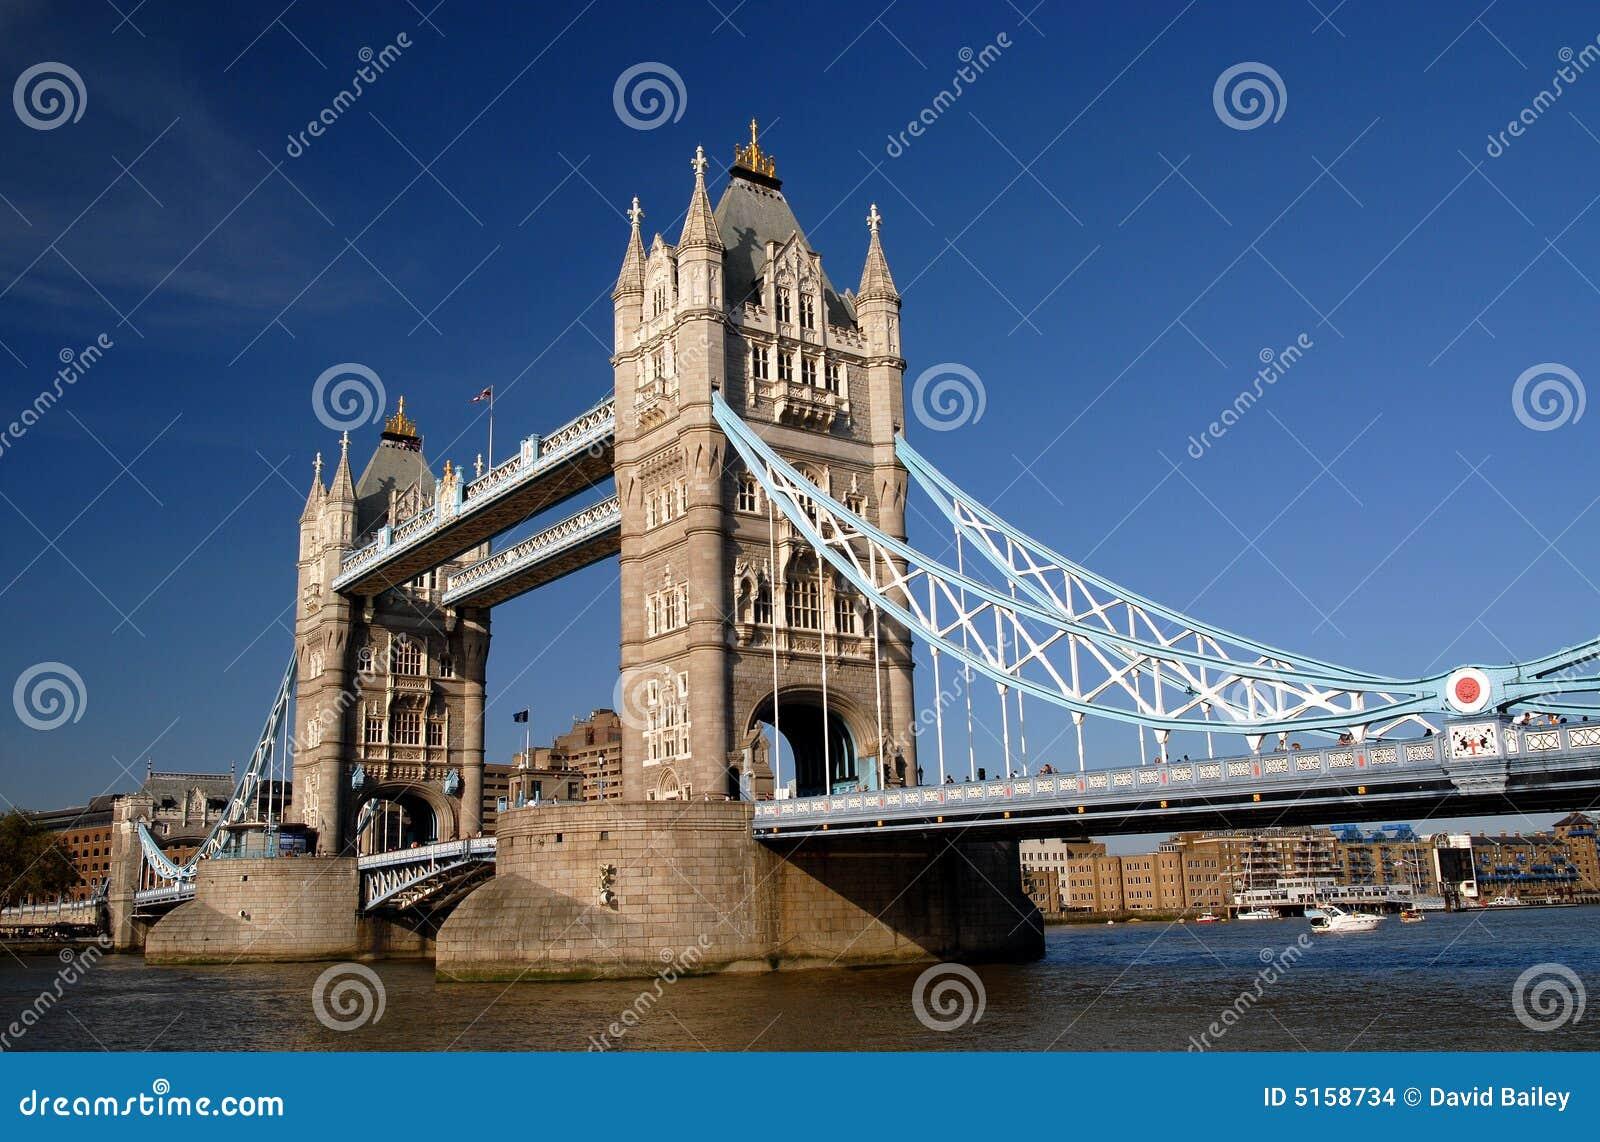 Londra, ponticello della torretta